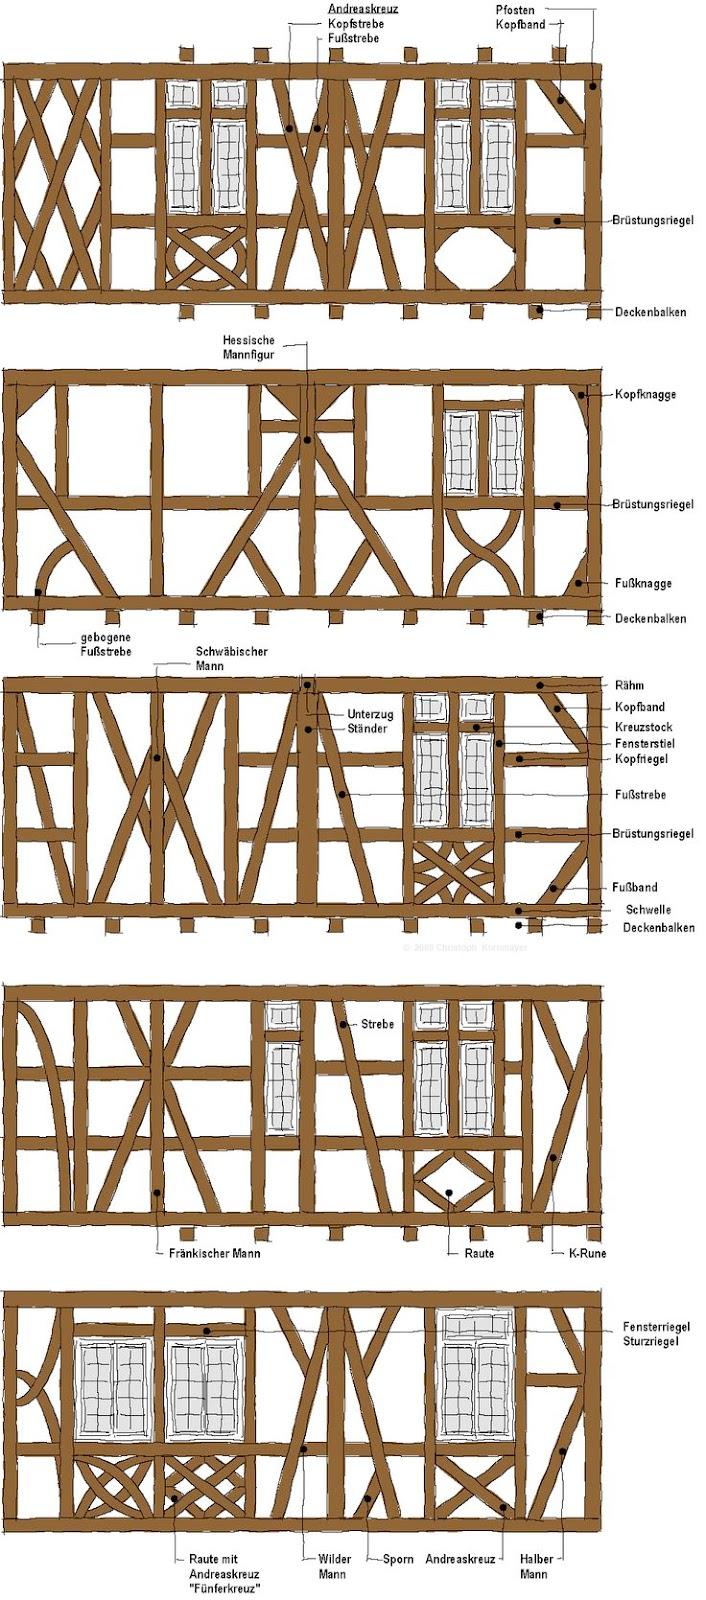 Reflexos de um mundo interior casas em enxaimel for Fachwerkhaus konstruktion